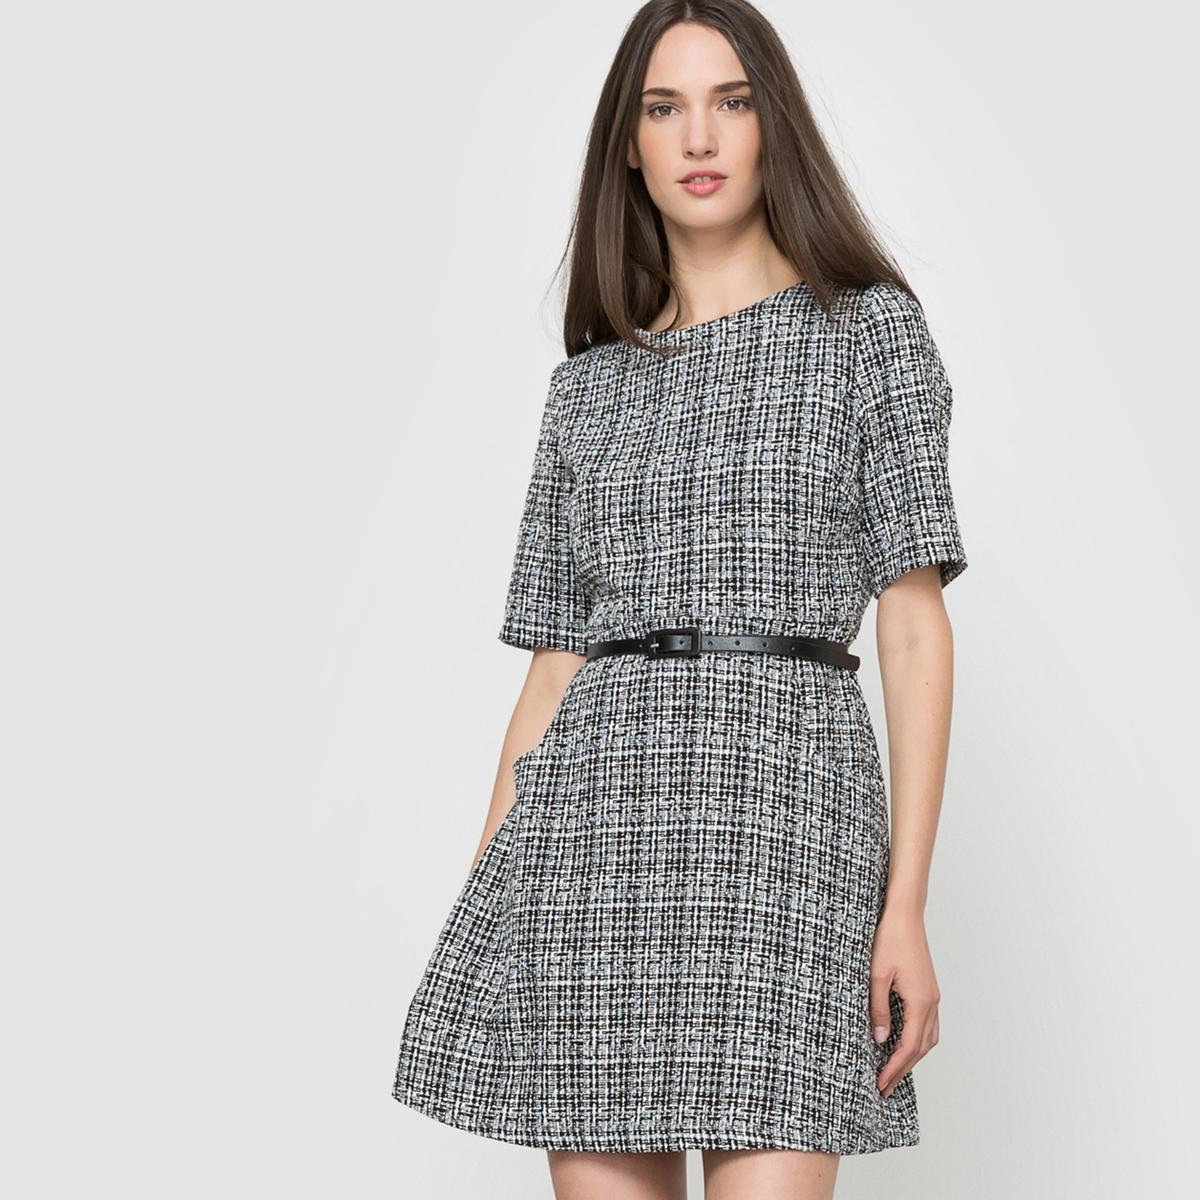 Платье MOLLY BRACKENСостав и описаниеМатериал: 100% полиэстера.Длина: 85см.Марка: MOLLY BRACKEN.<br><br>Цвет: черный